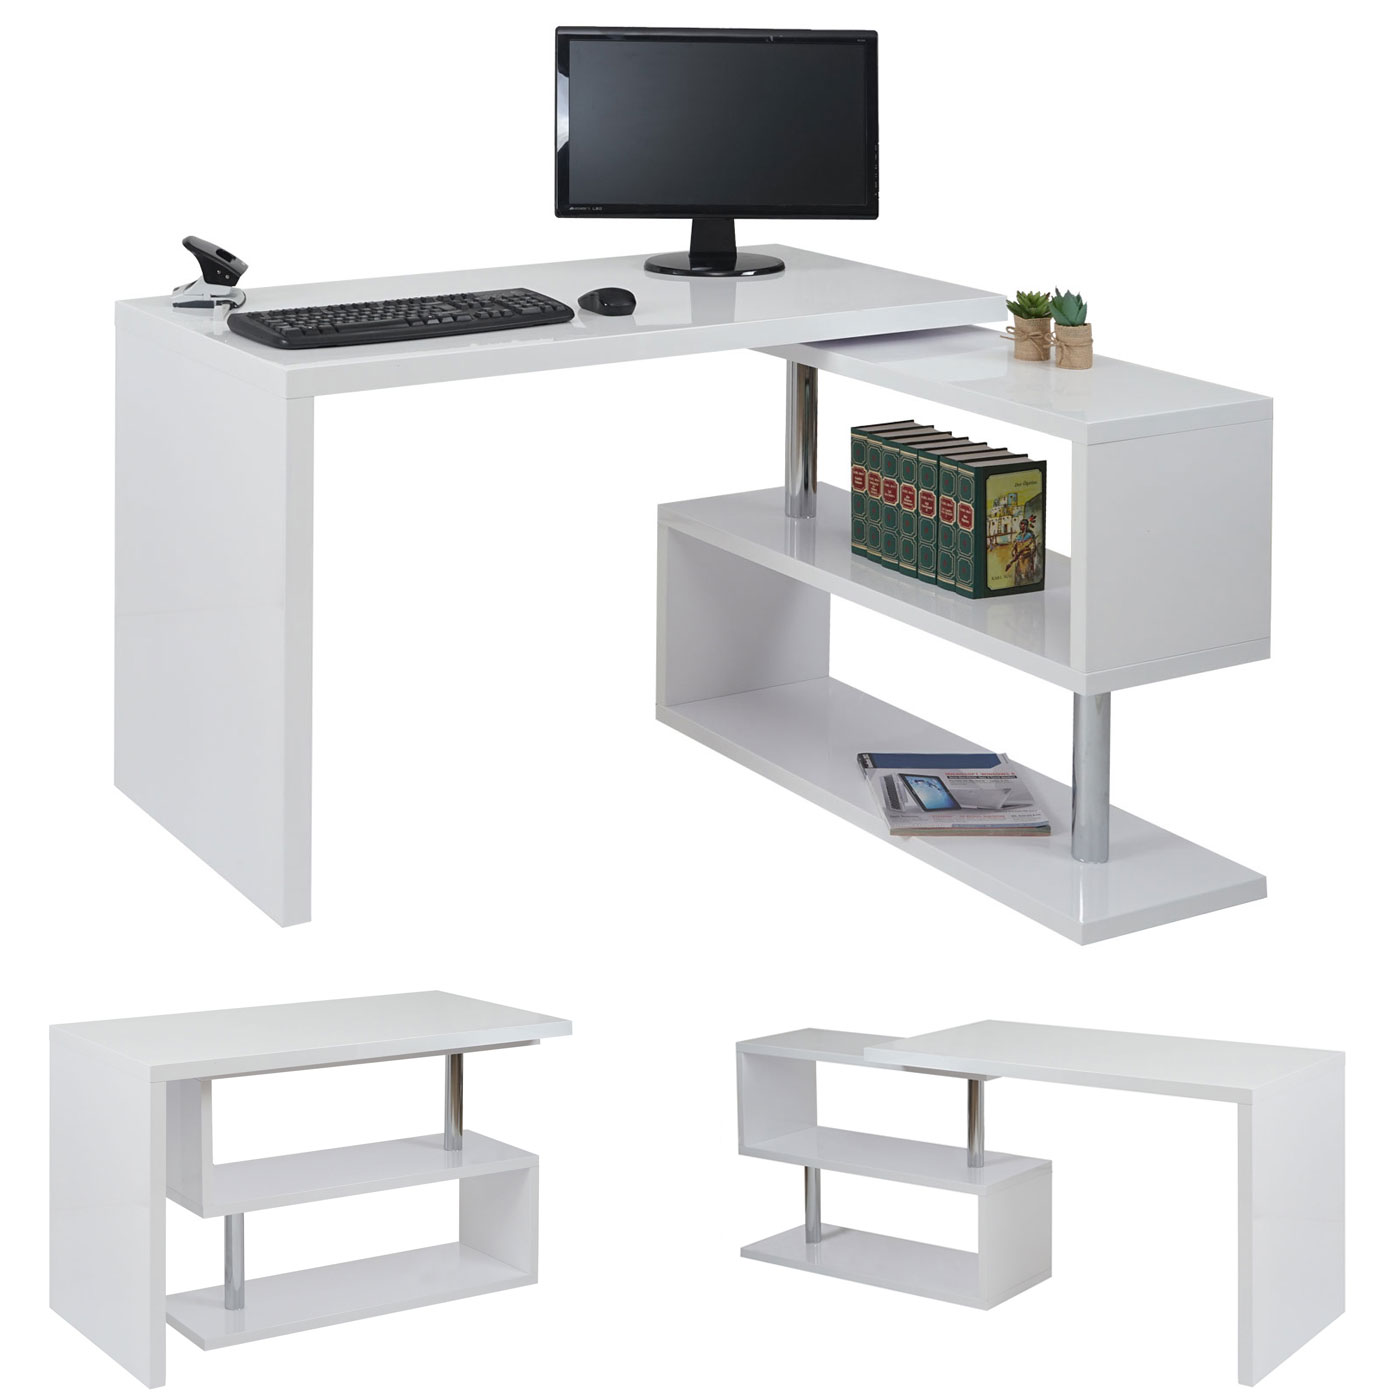 design eckschreibtisch hwc a68 b rotisch schreibtisch hochglanz drehbar 120x60cm wei. Black Bedroom Furniture Sets. Home Design Ideas